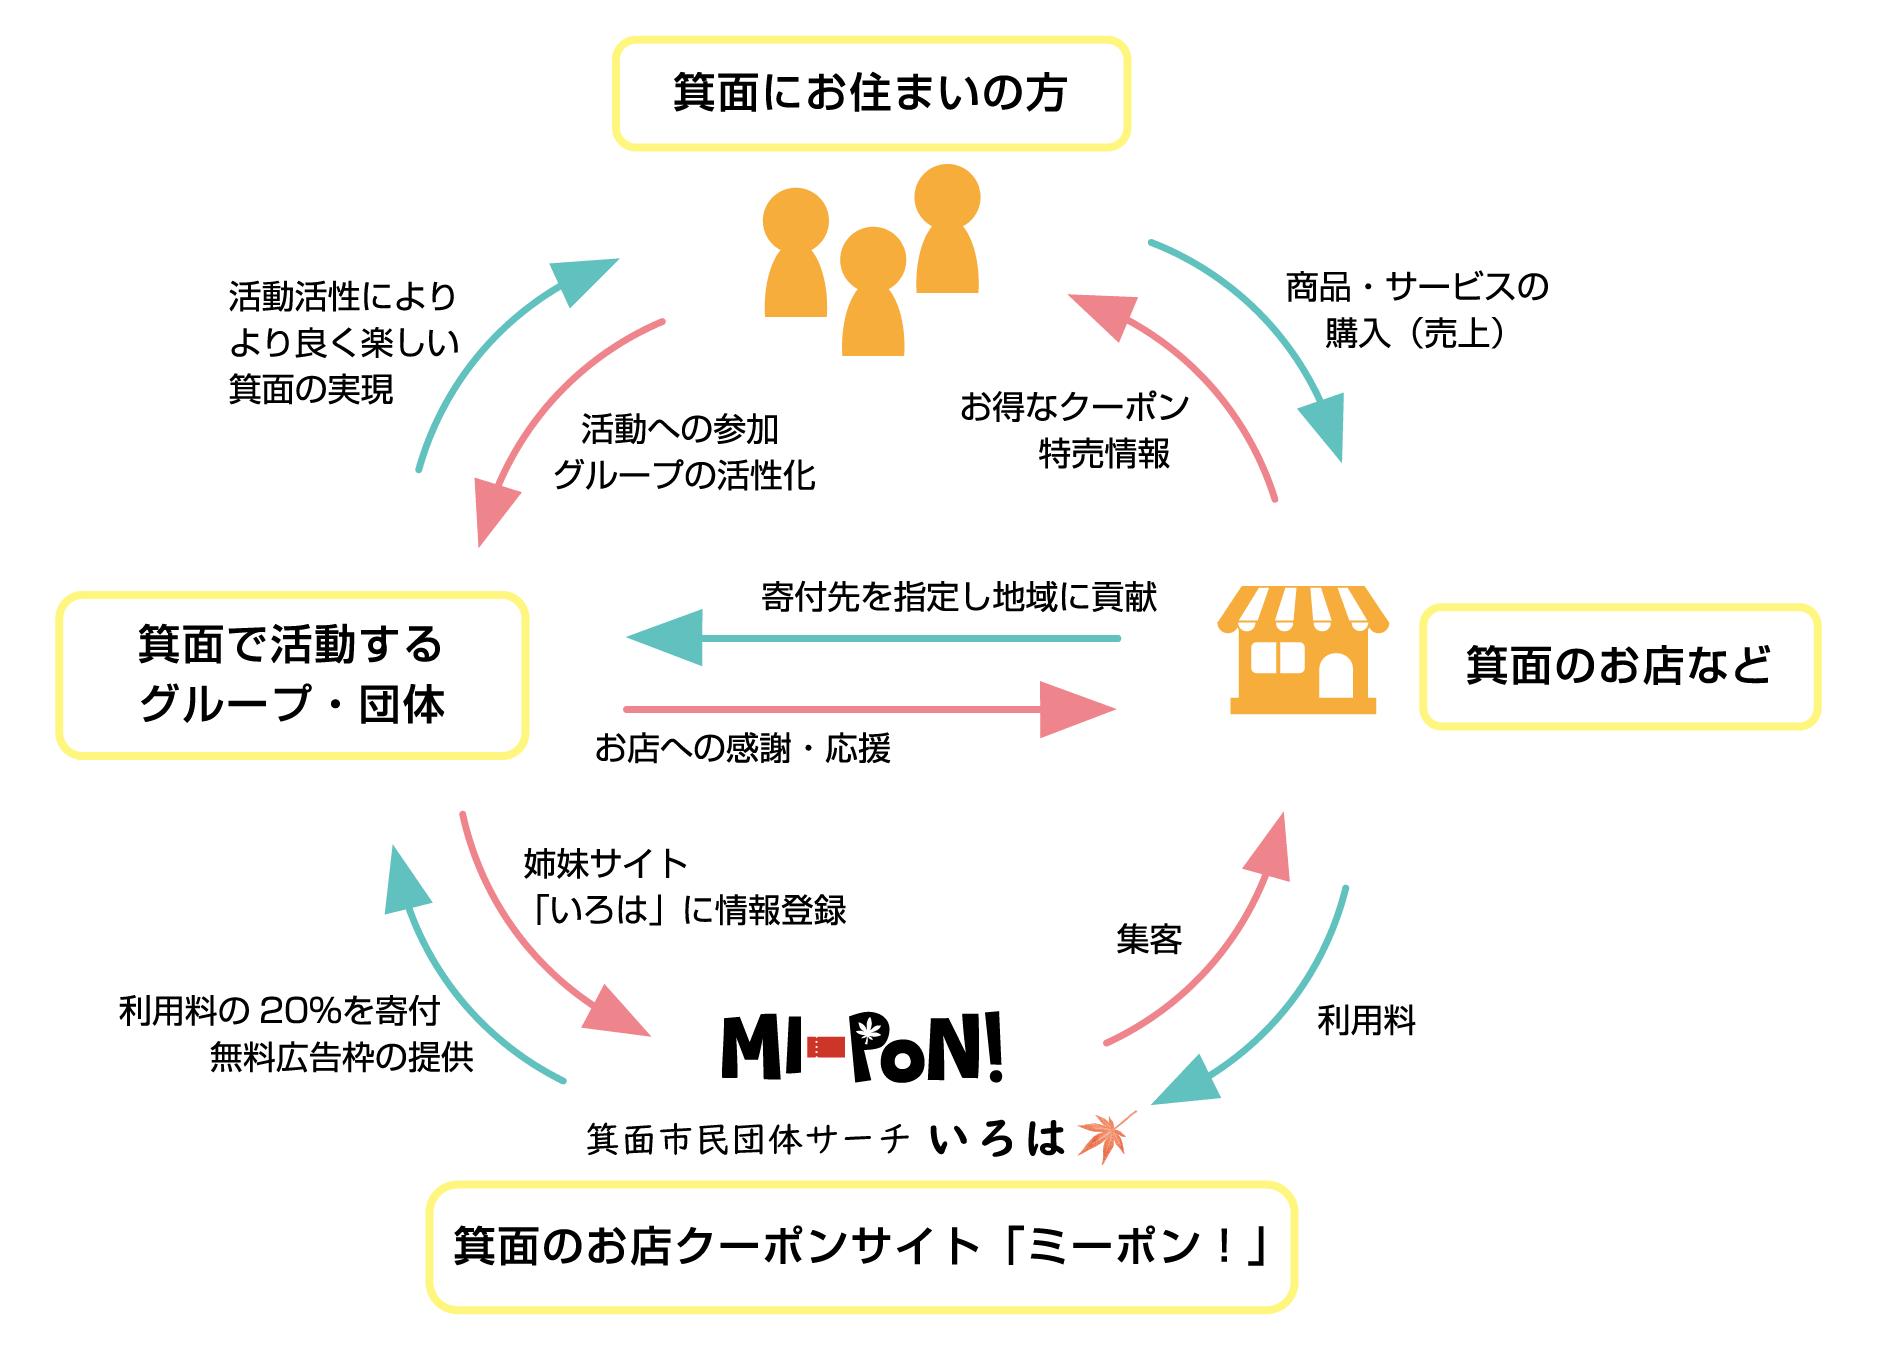 ミーポン!が目指す循環システム